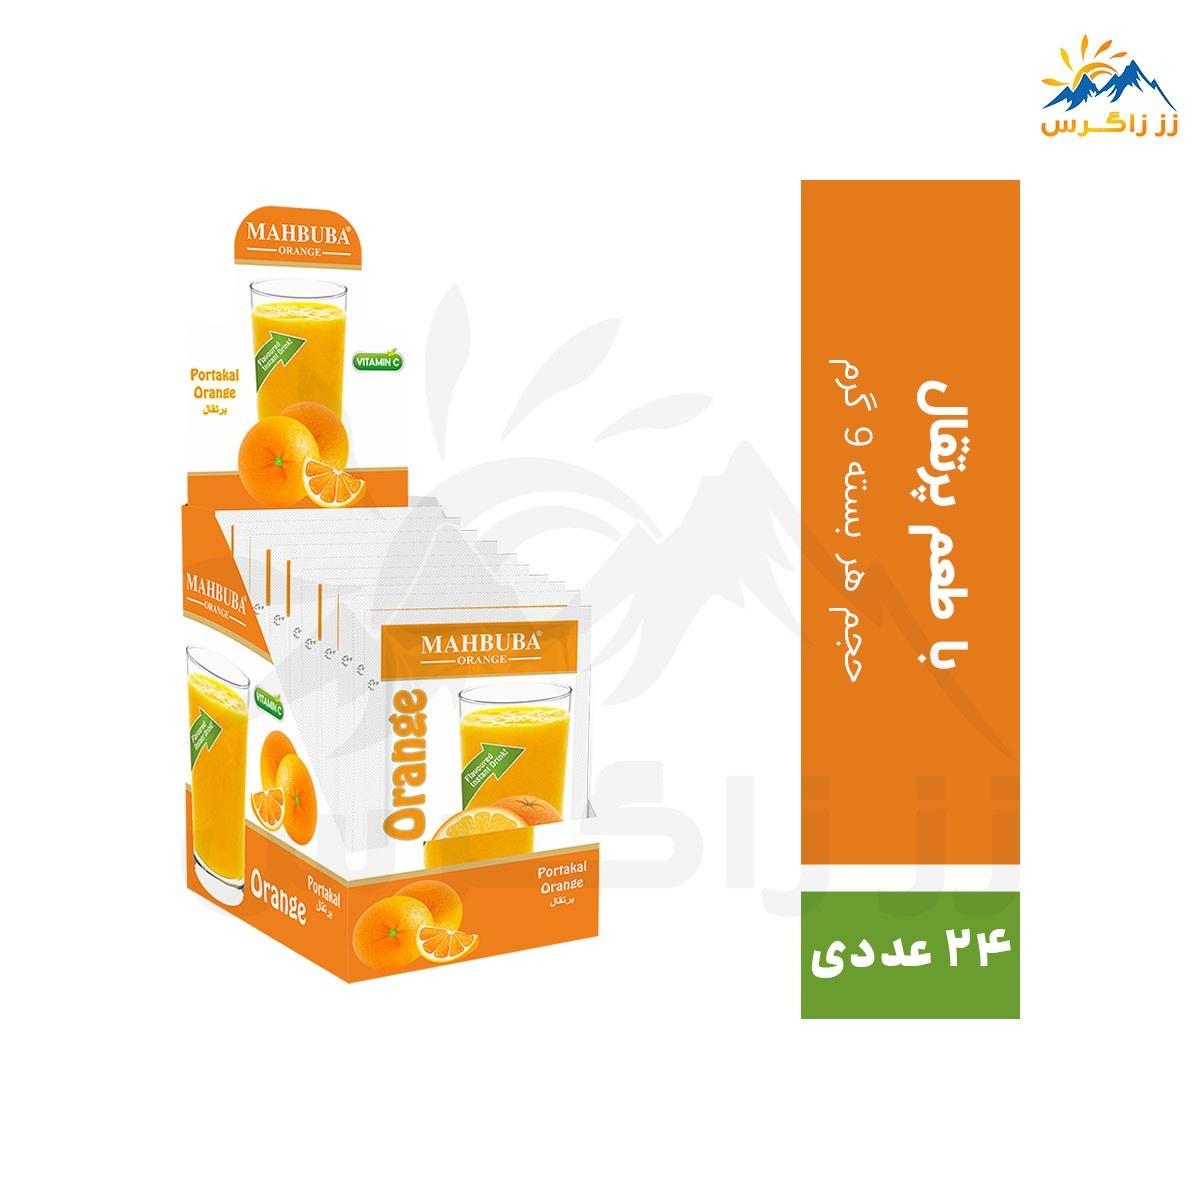 تصویر پودر شربت MAHBUBA با طعم پرتقال بسته 24 عددی